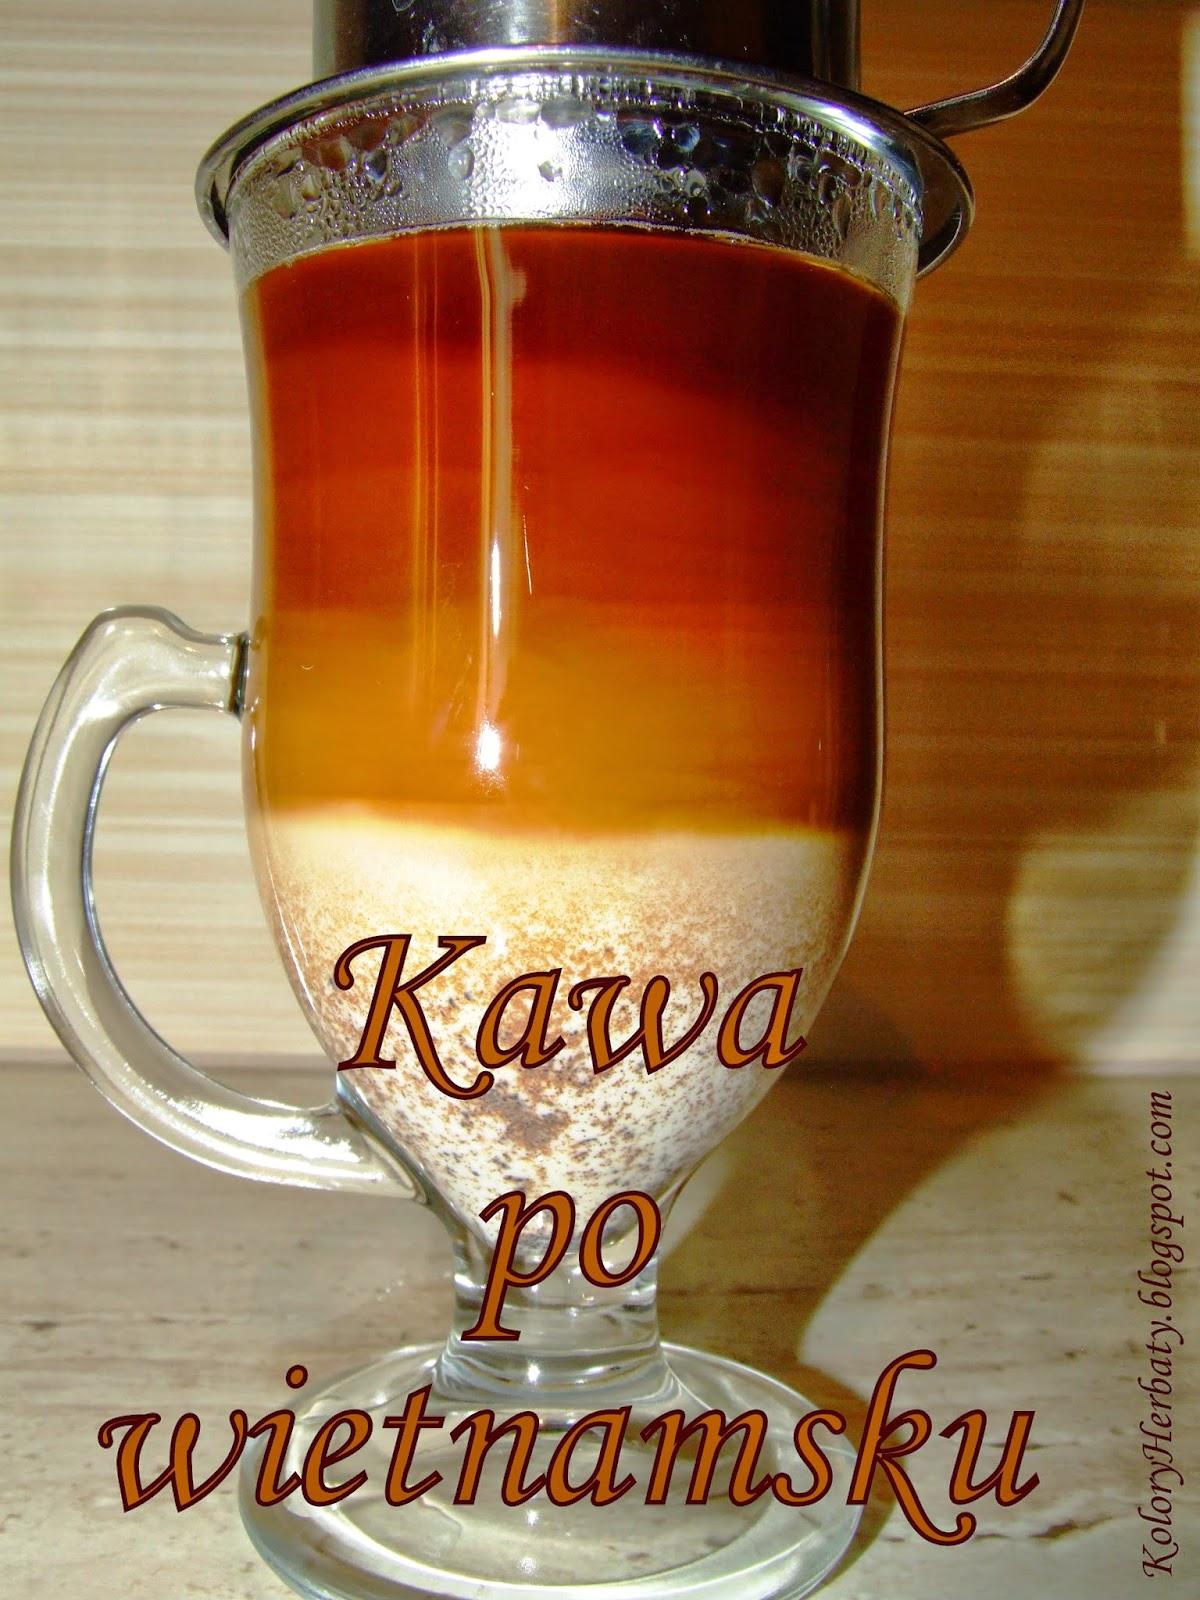 Szklanka z uszkiem a w niej rozwarstwiona kawa z mlekiem przygotowana na sposób wietnamski w specjalnym filtrze